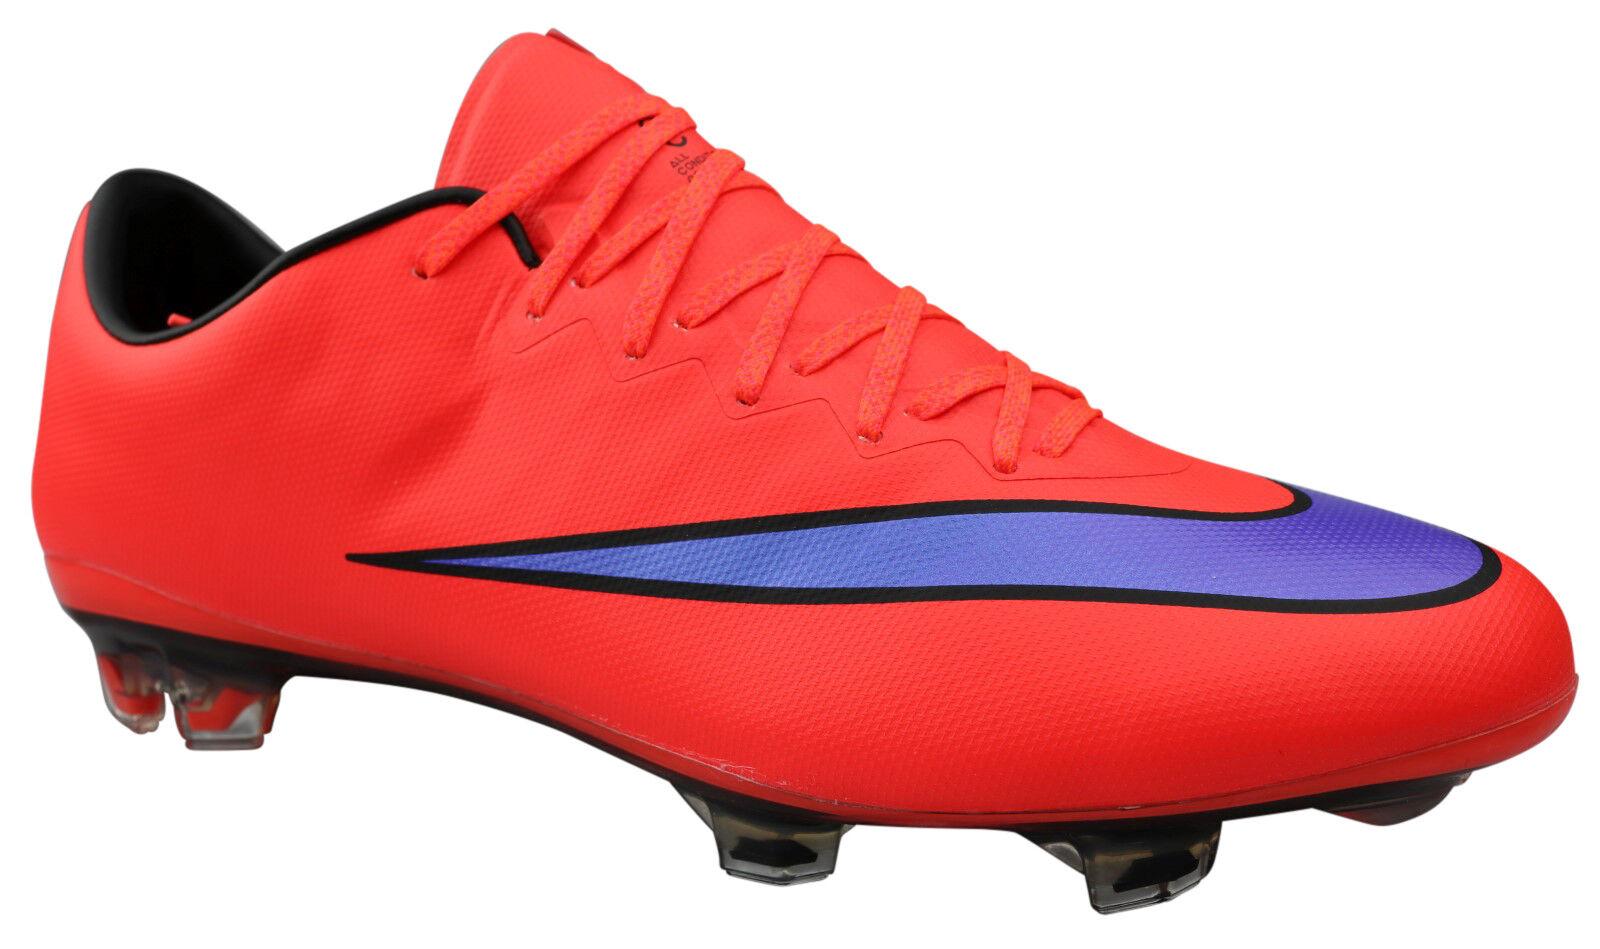 Nike mercurial vapor x FG señores botas de fútbol levas rojo talla 45,5 47 nuevo & OVP